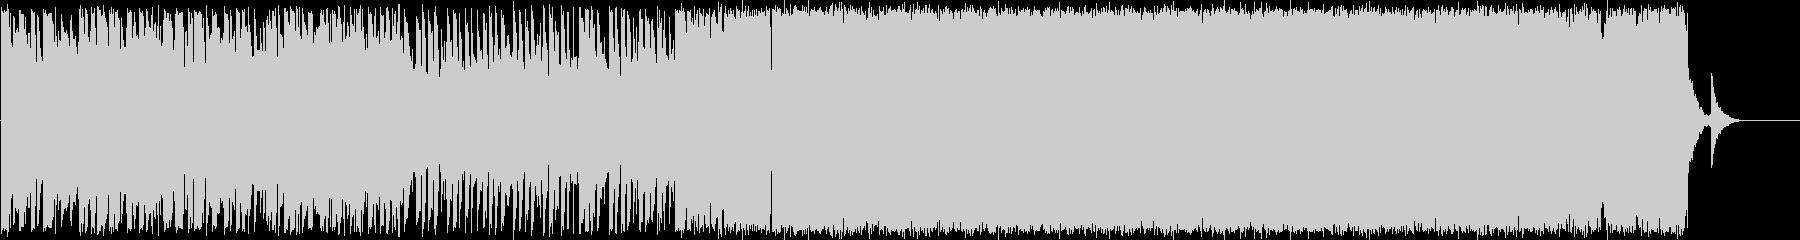 爽やかなエレクトロポップスの未再生の波形